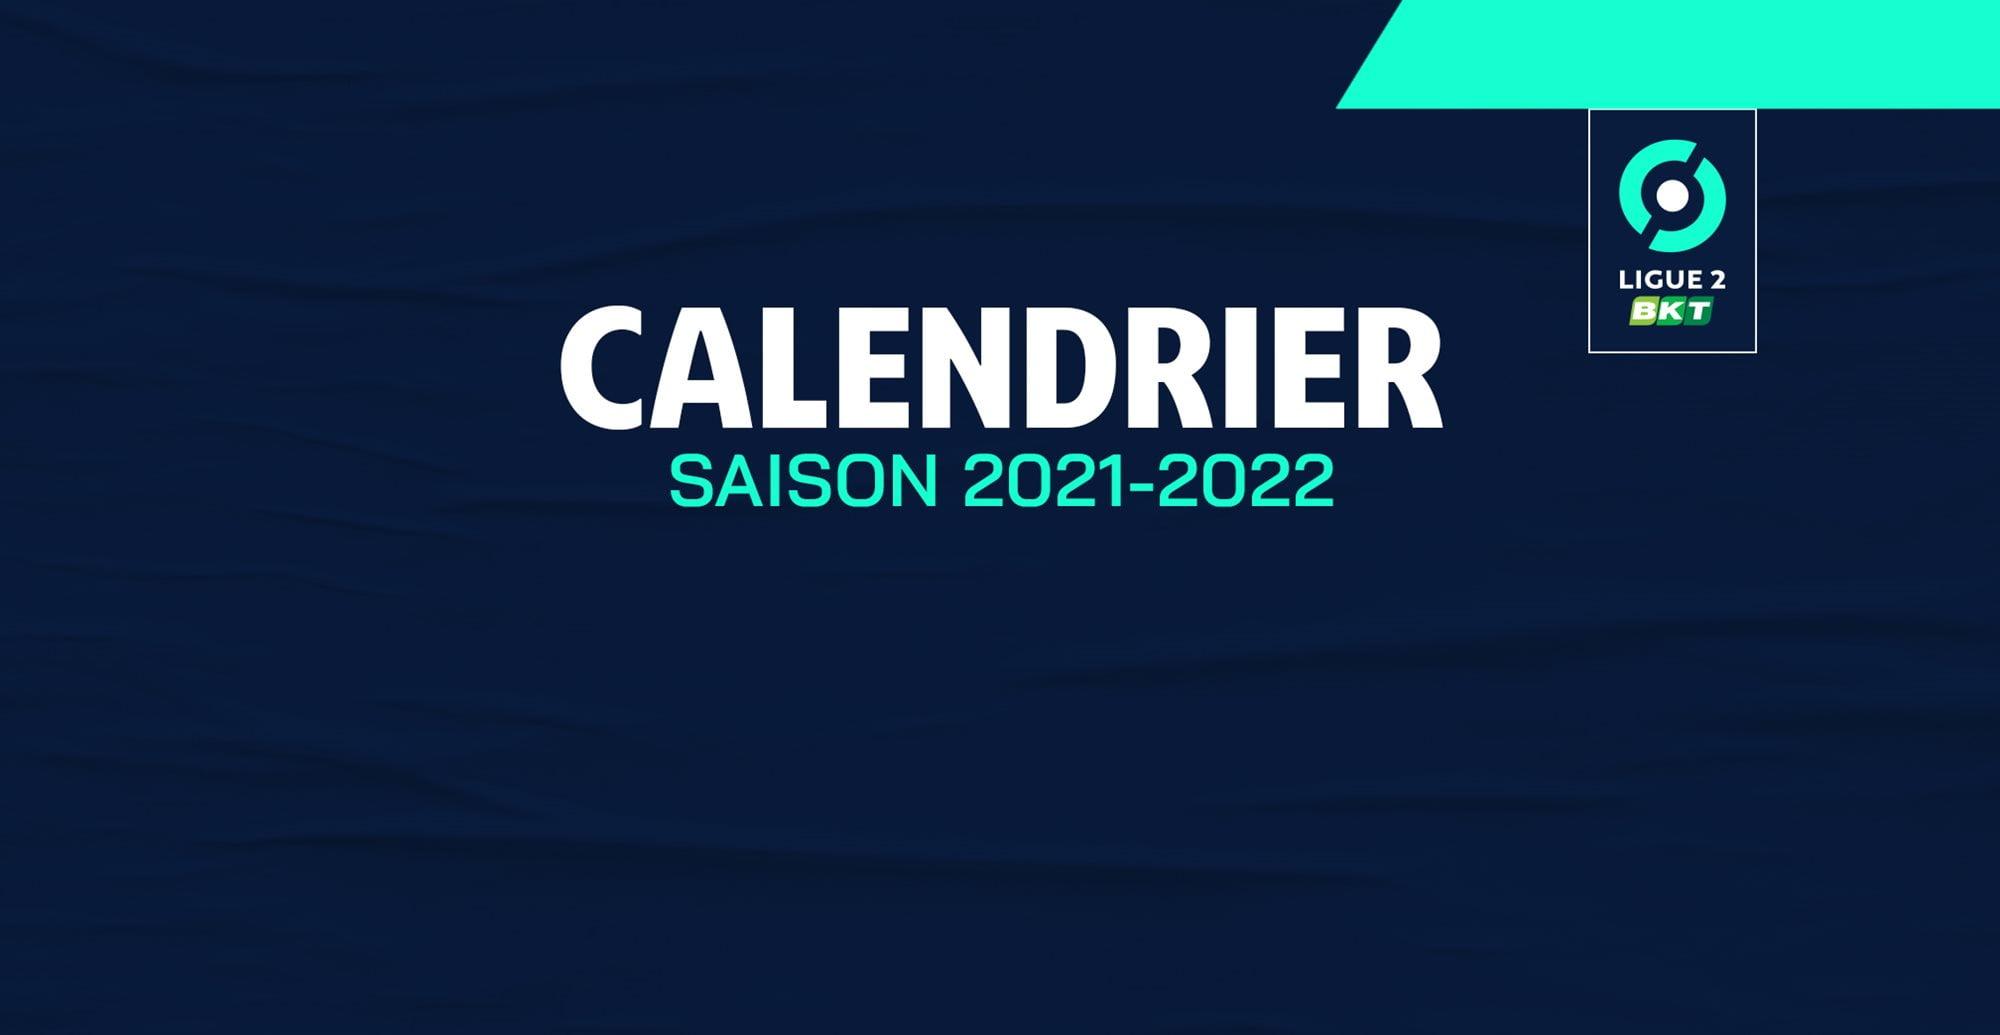 Calendrier 2022 Ligue 2 Les principales dates de la saison 2021/2022